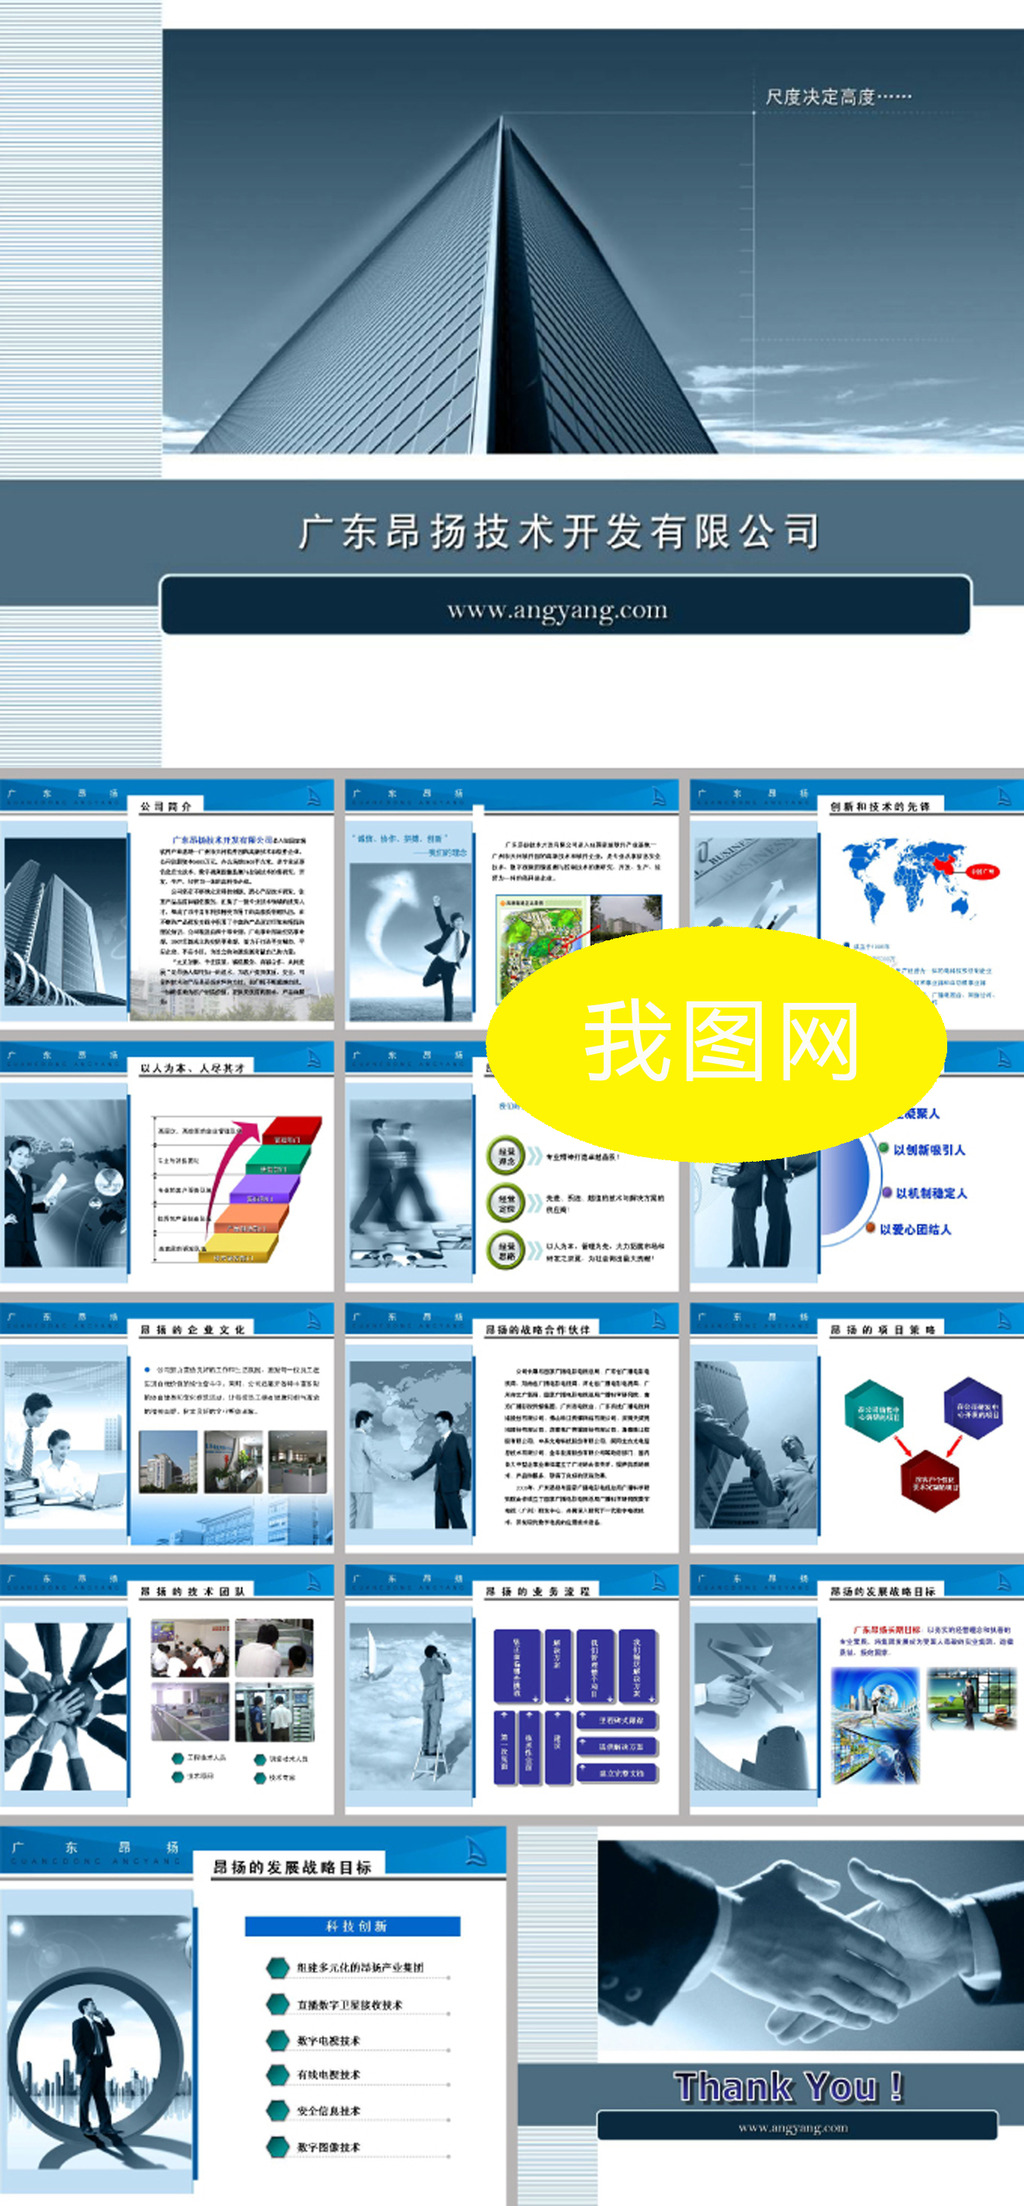 高科技公司简介ppt模板模板下载(图片编号:12703635)